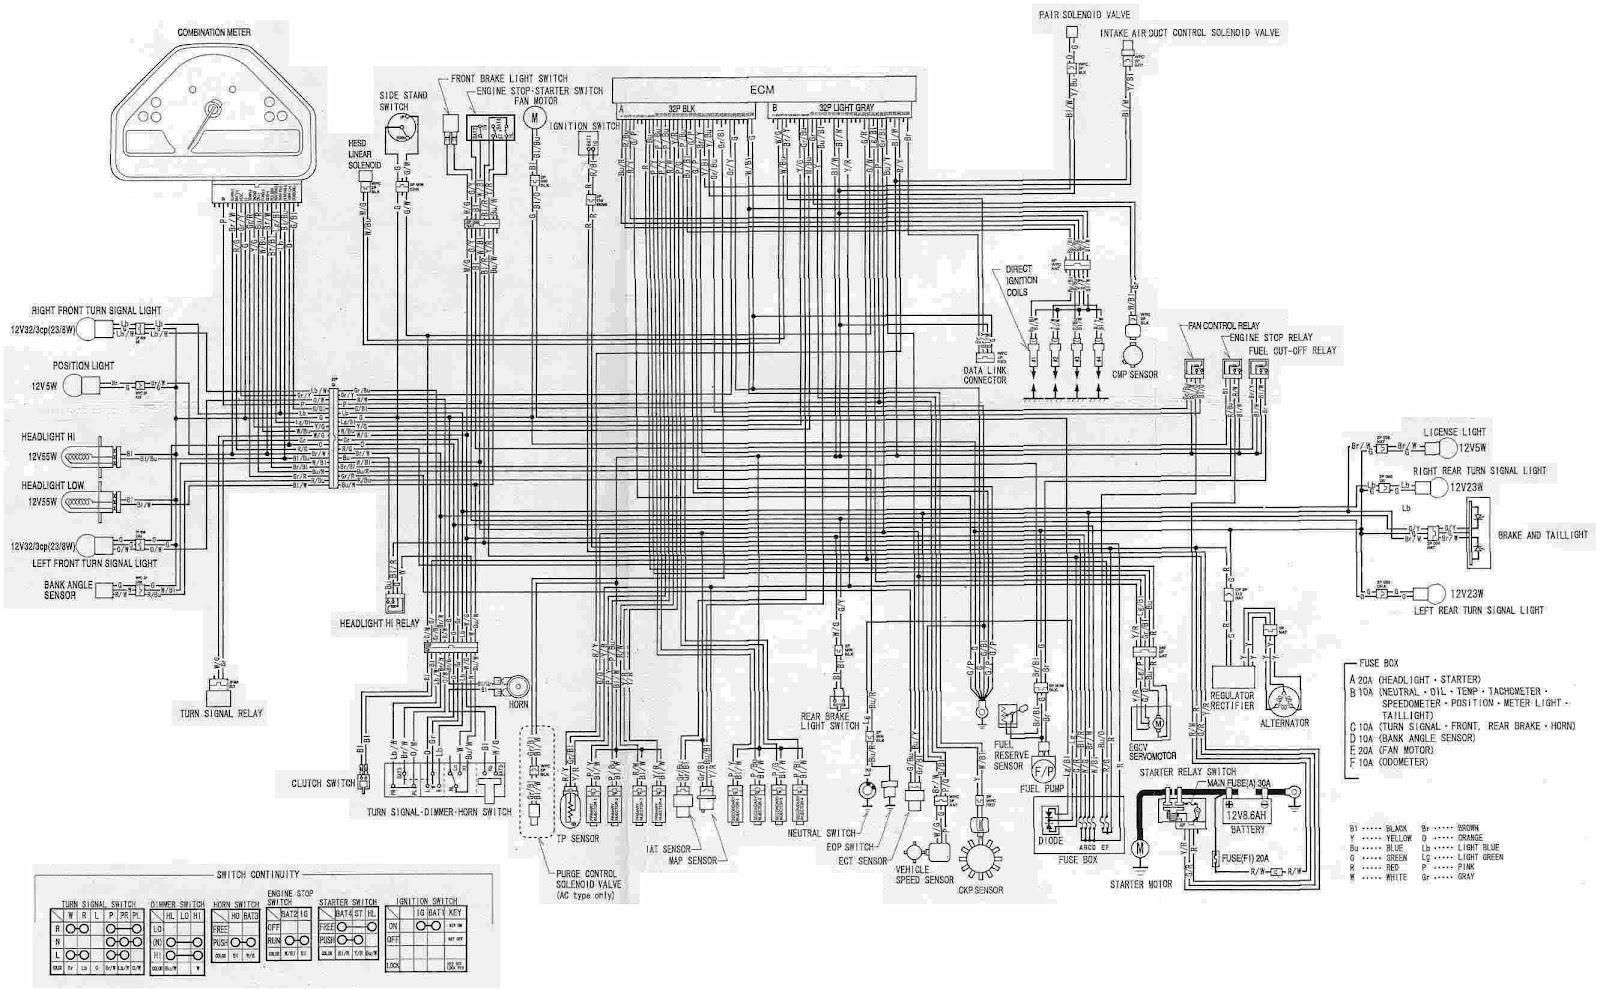 suzuki dr200 wiring diagram  suzuki  auto wiring diagram